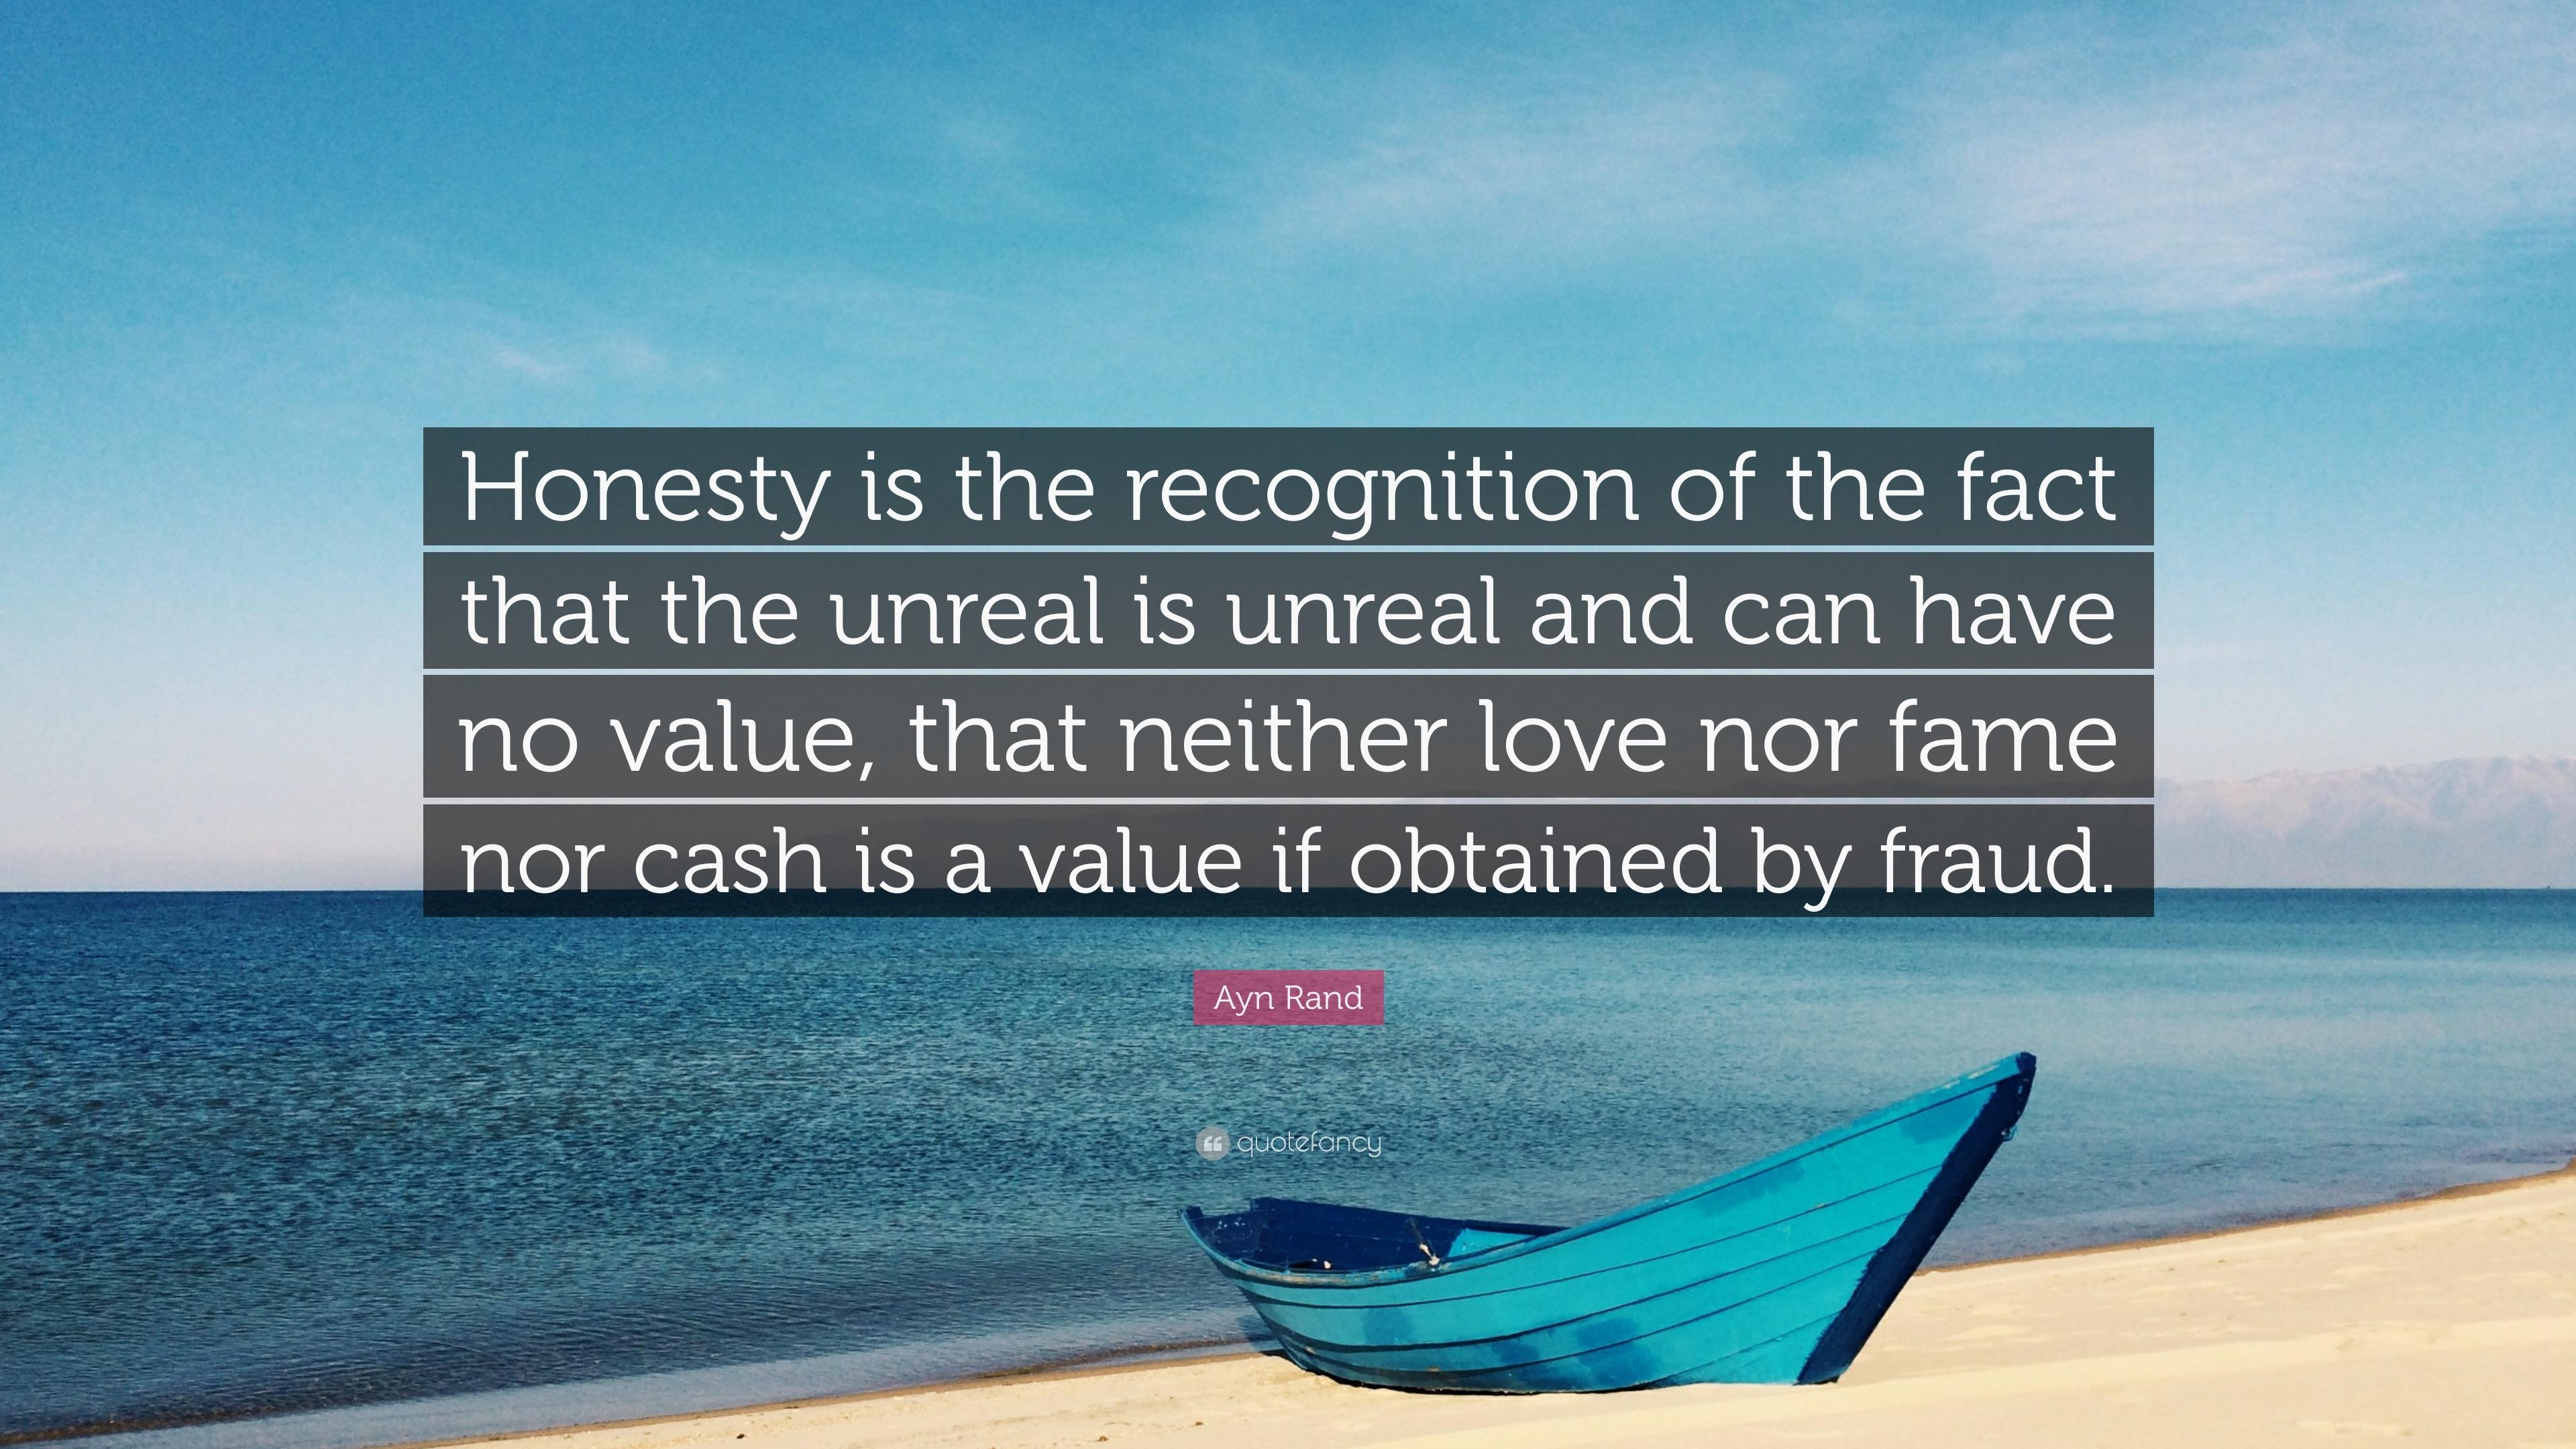 Zobacz, co Ayn Rand pisała o uczciwości